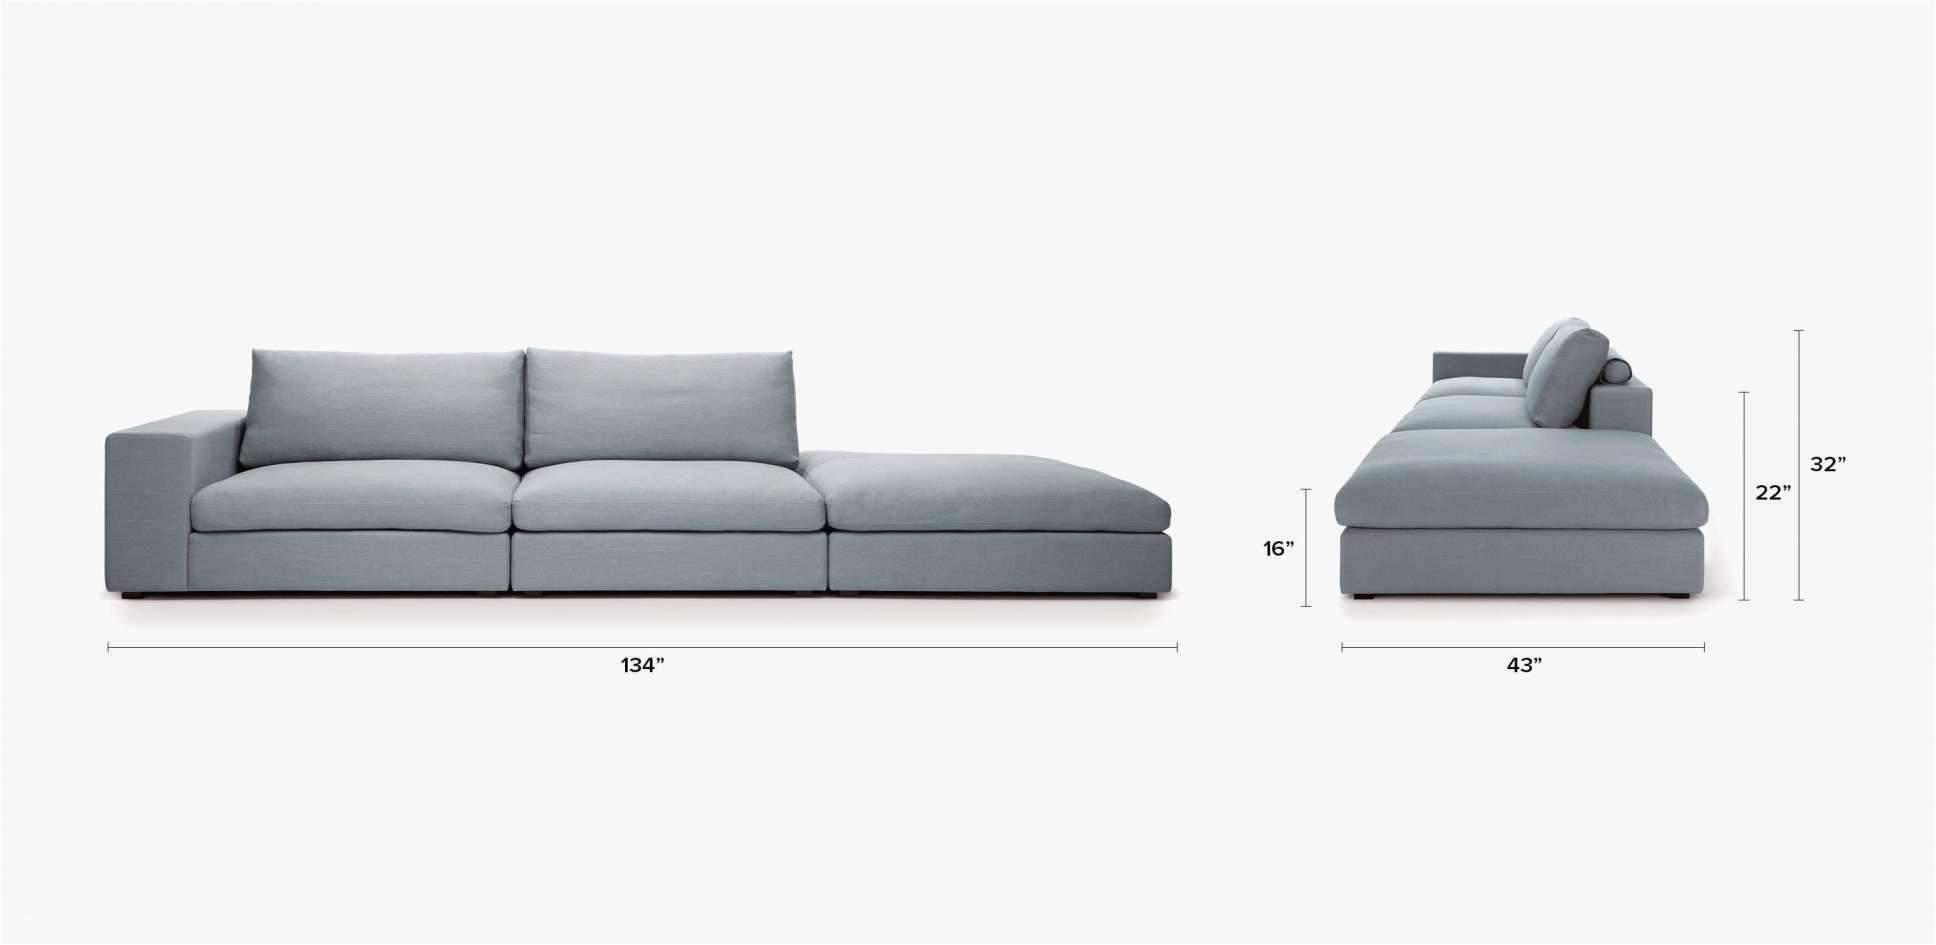 paletten sofa wohnzimmer einzigartig garderobe selber bauen bauanleitung einzigartig garderobe of paletten sofa wohnzimmer